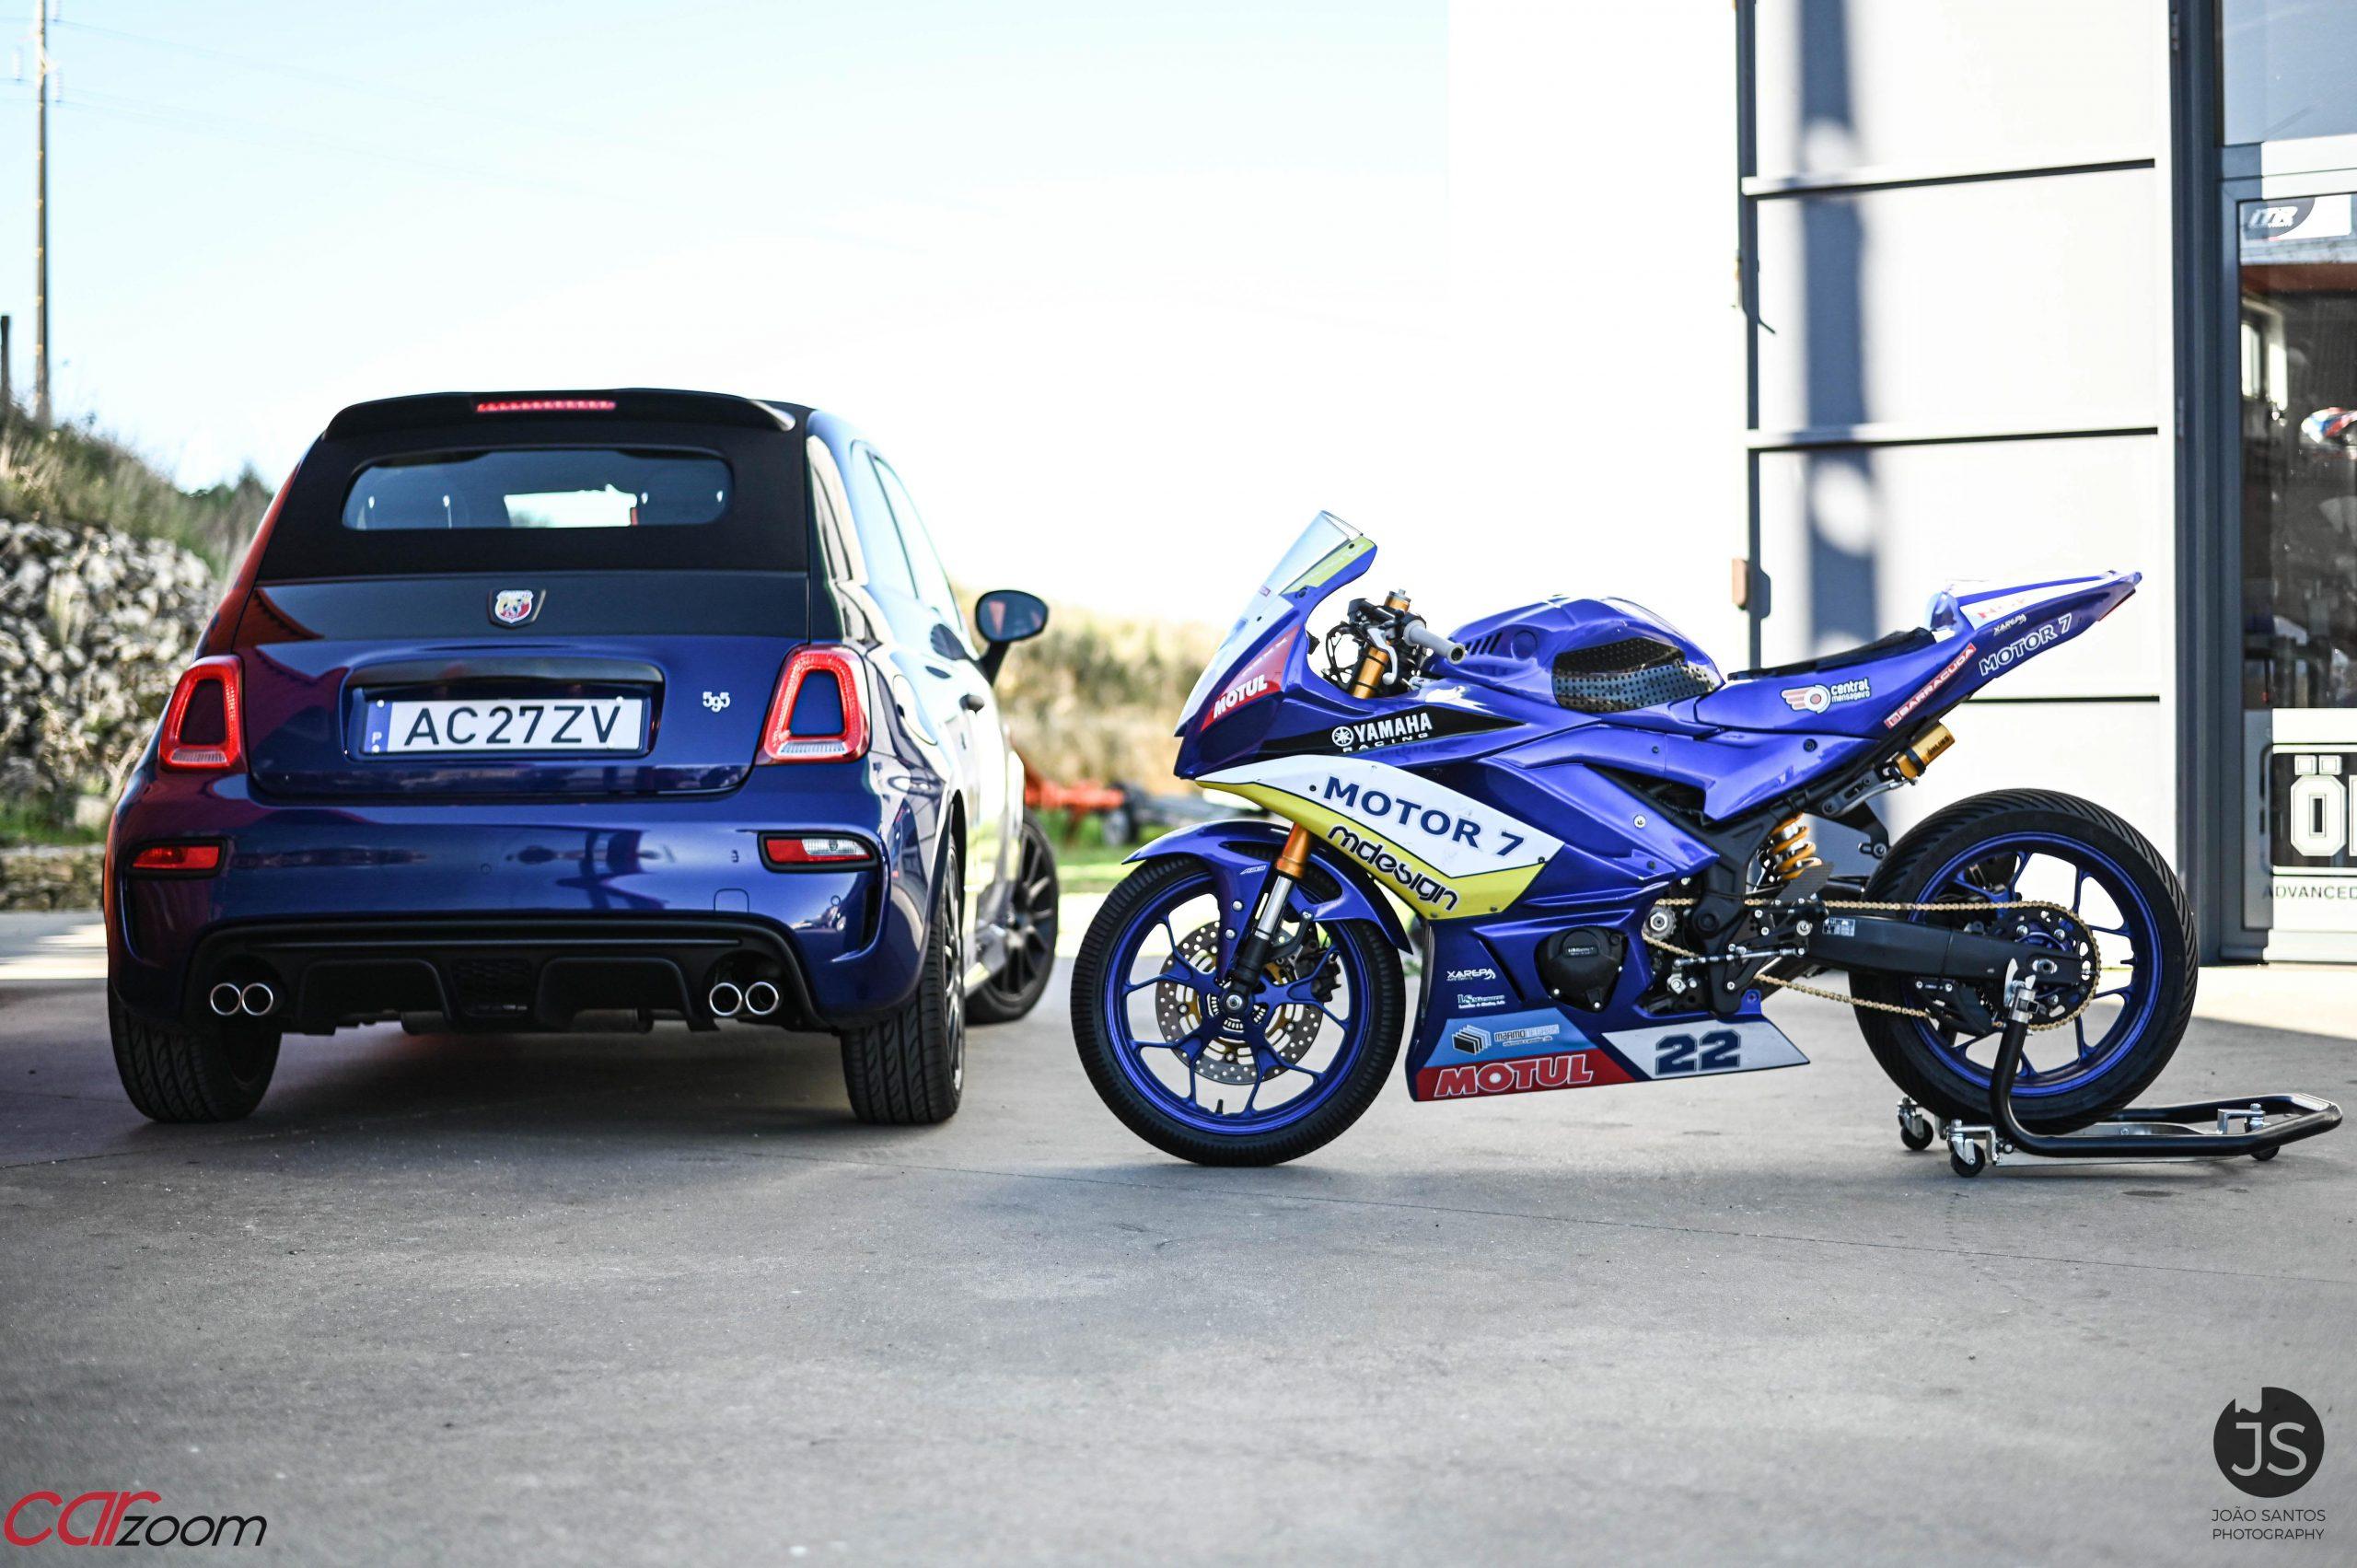 Ensaiámos o Abarth 595 Yamaha com a ajuda da Madalena Simões piloto da Yamaha Motor 7! 25